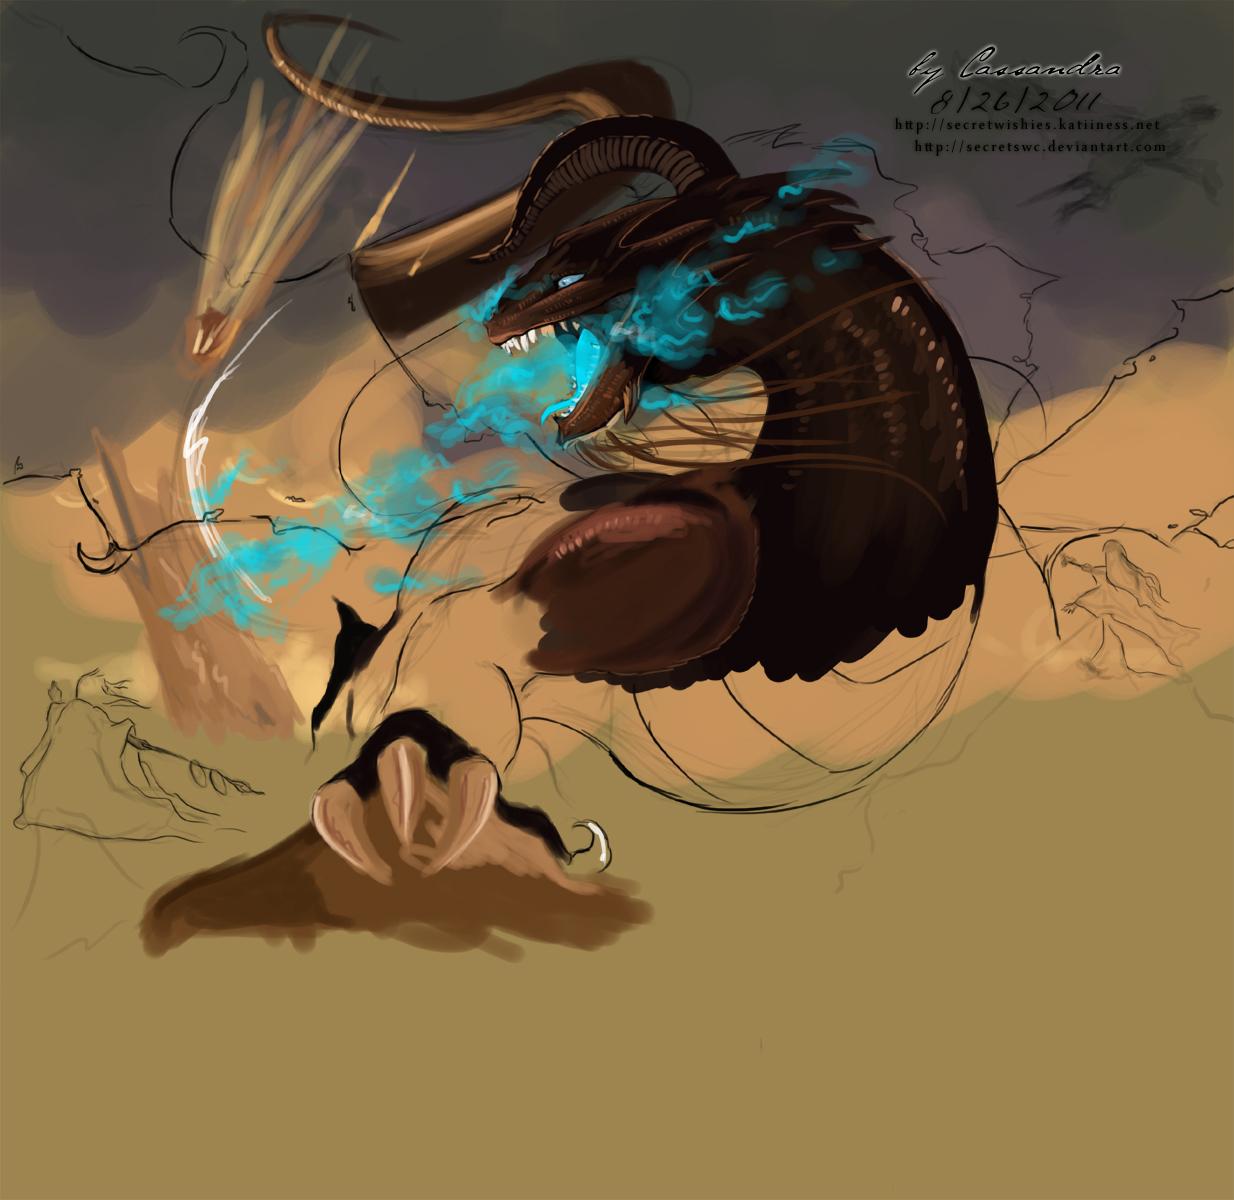 dragon preview by secretSWC